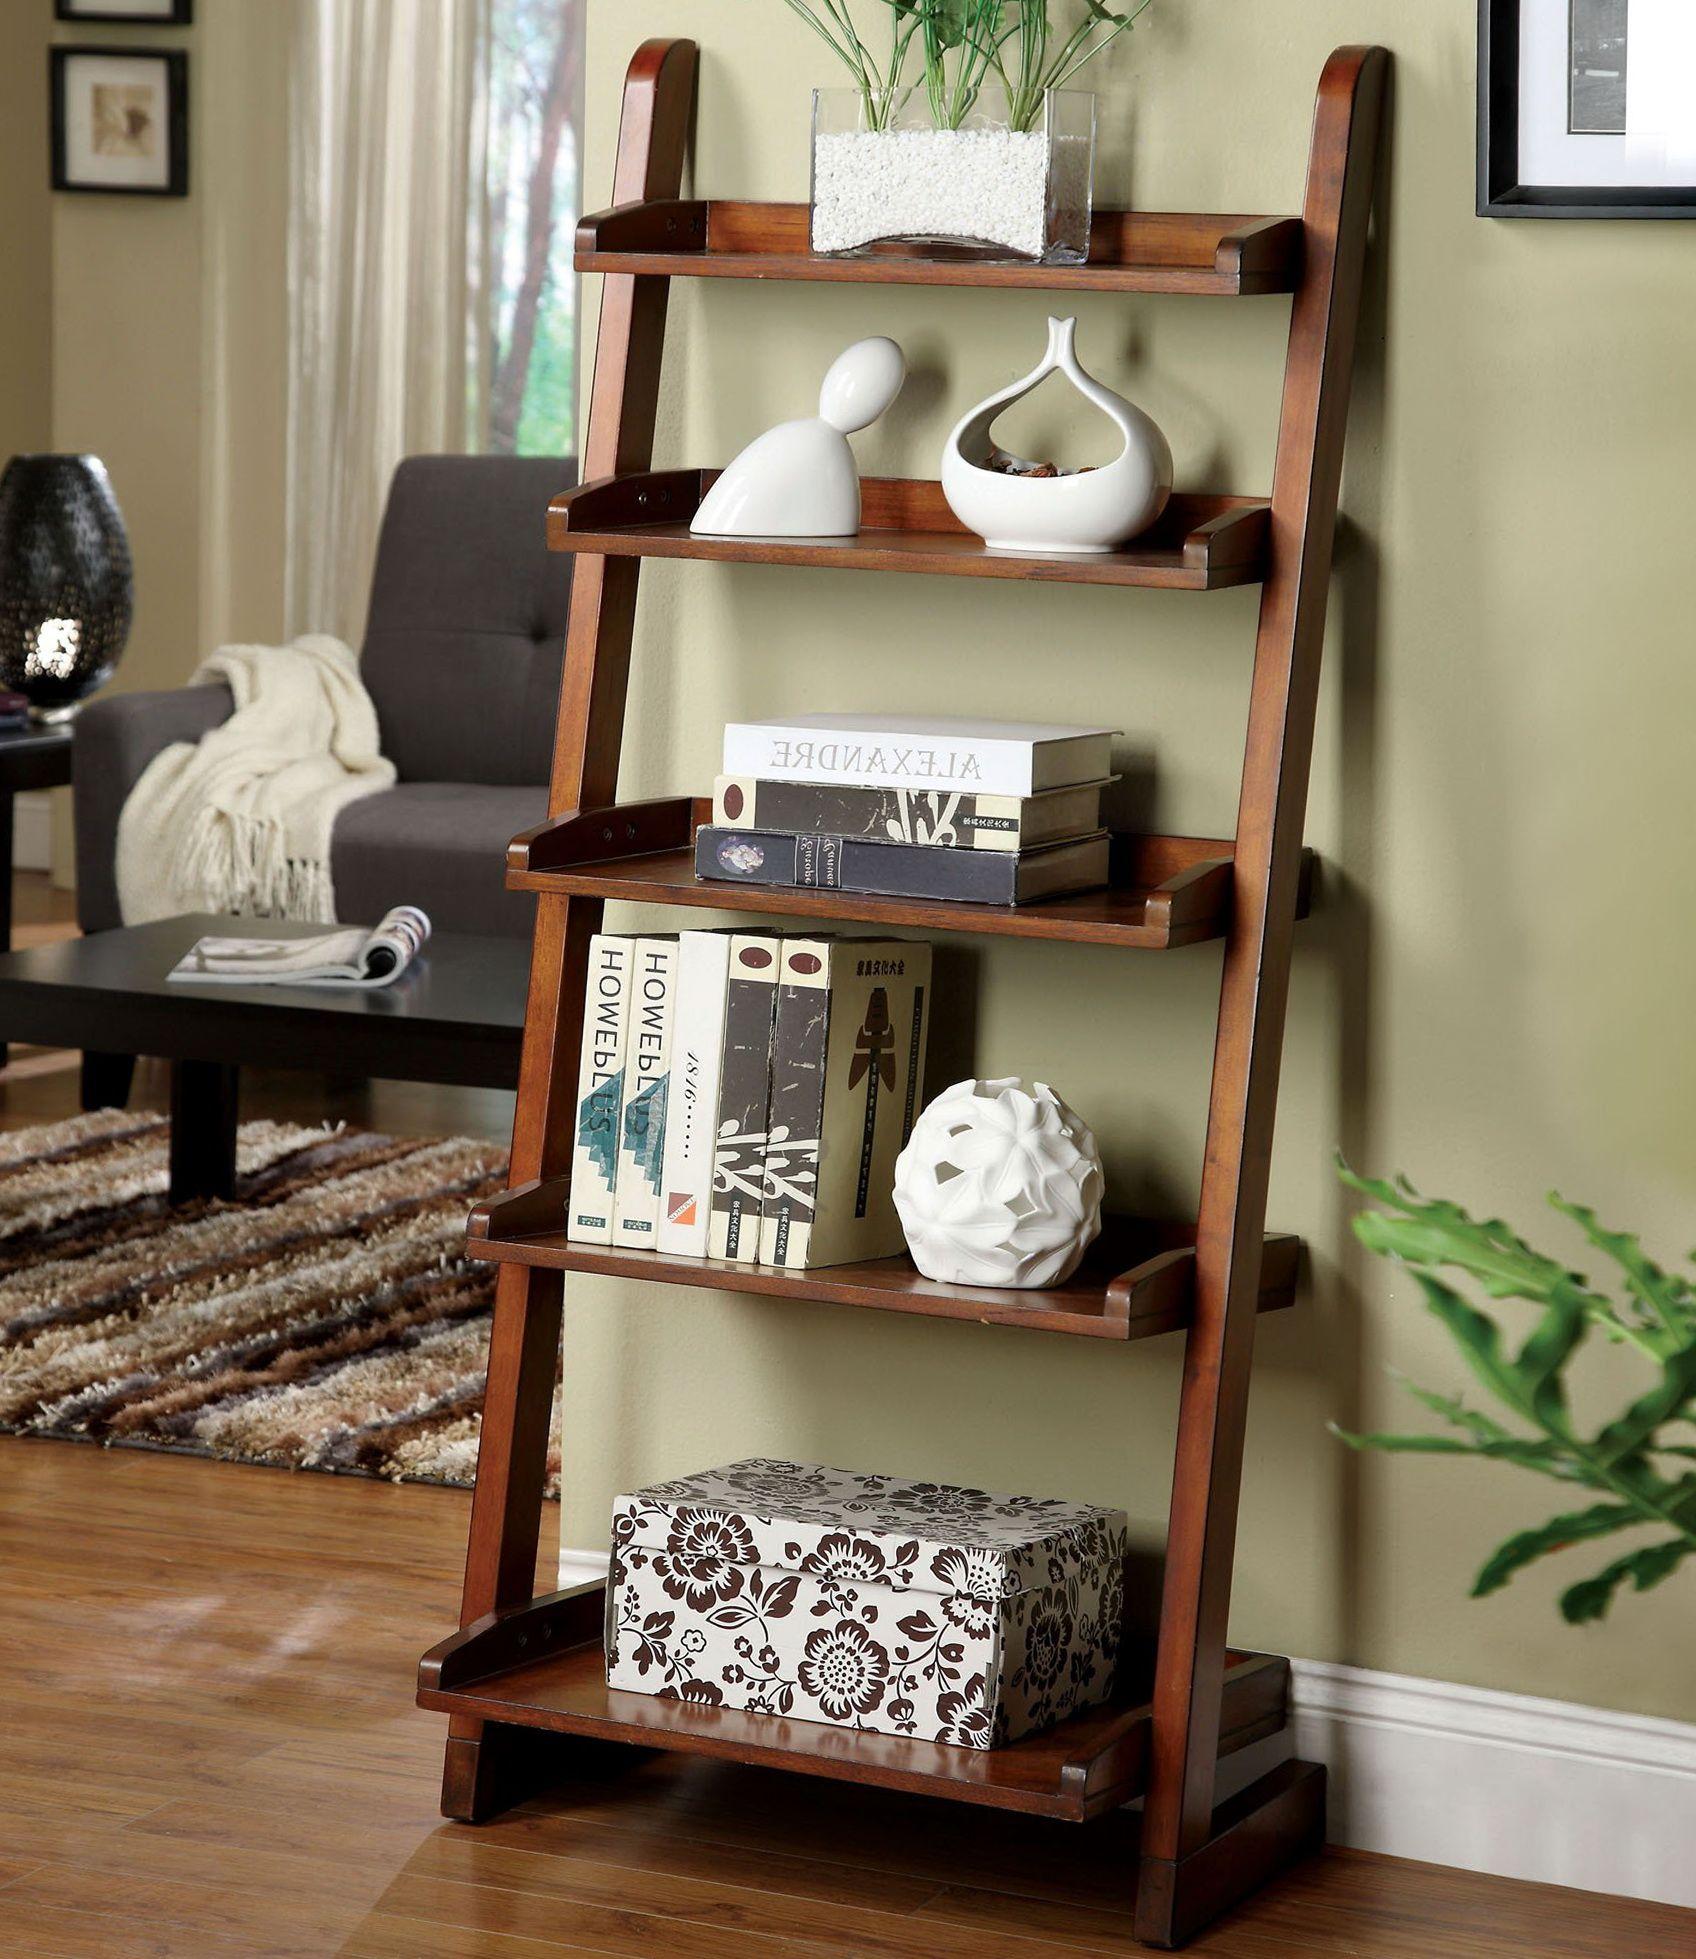 Bookshelf decorating ideas shelving pinterest bookshelves